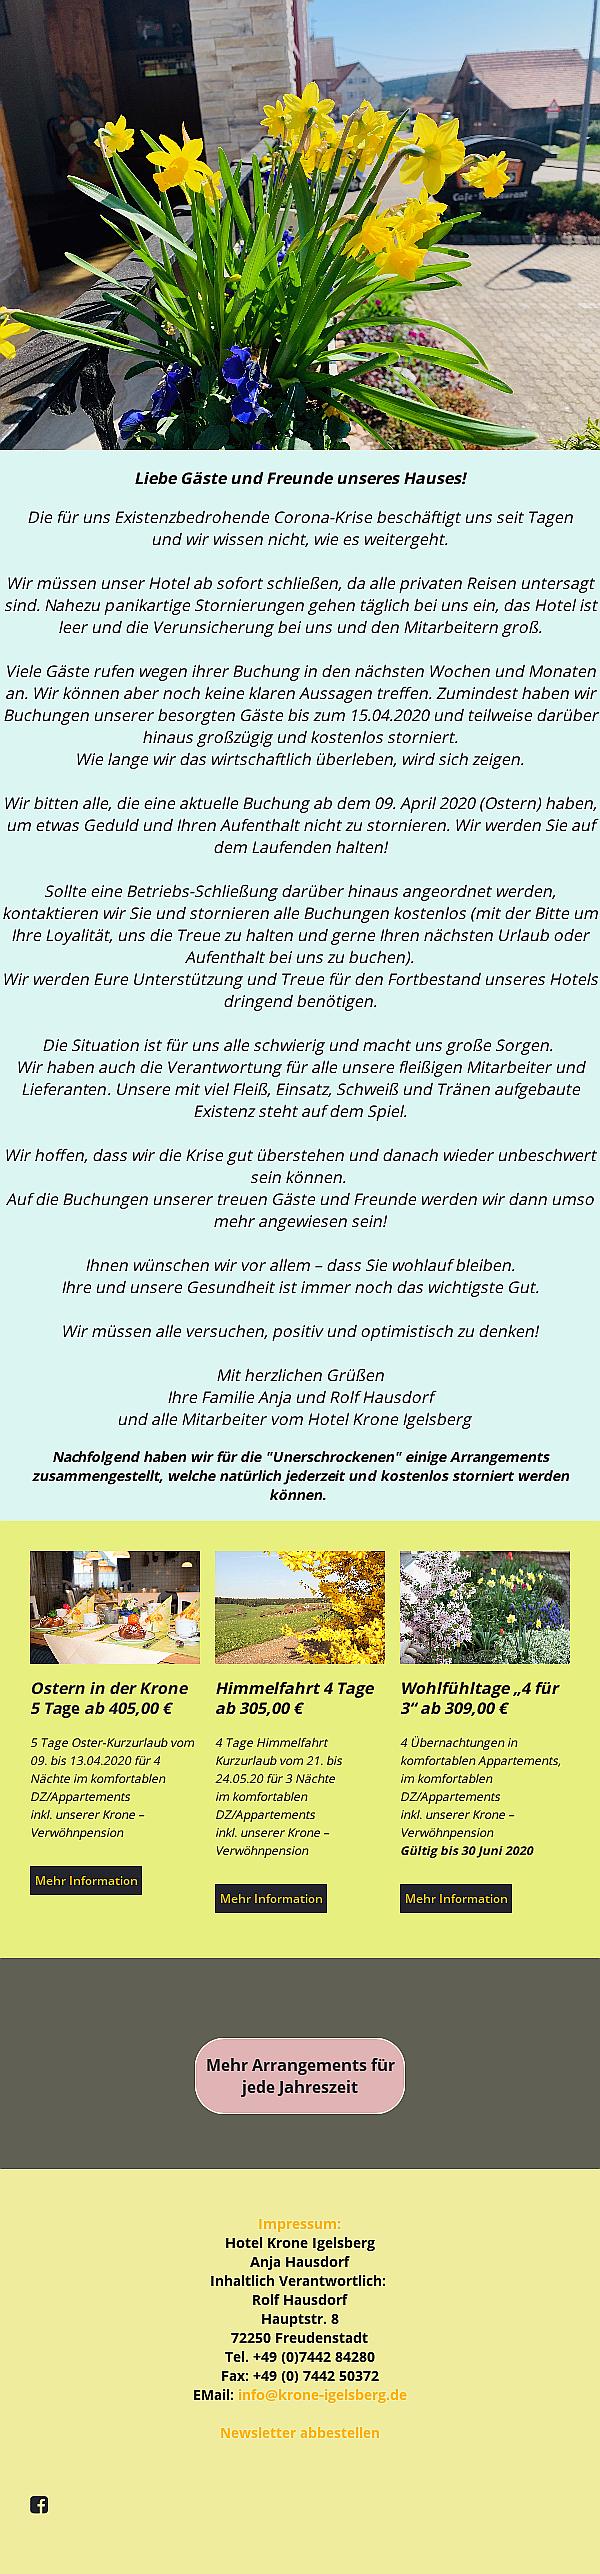 Newsletter 2020-03-12T17:25:46+01:00